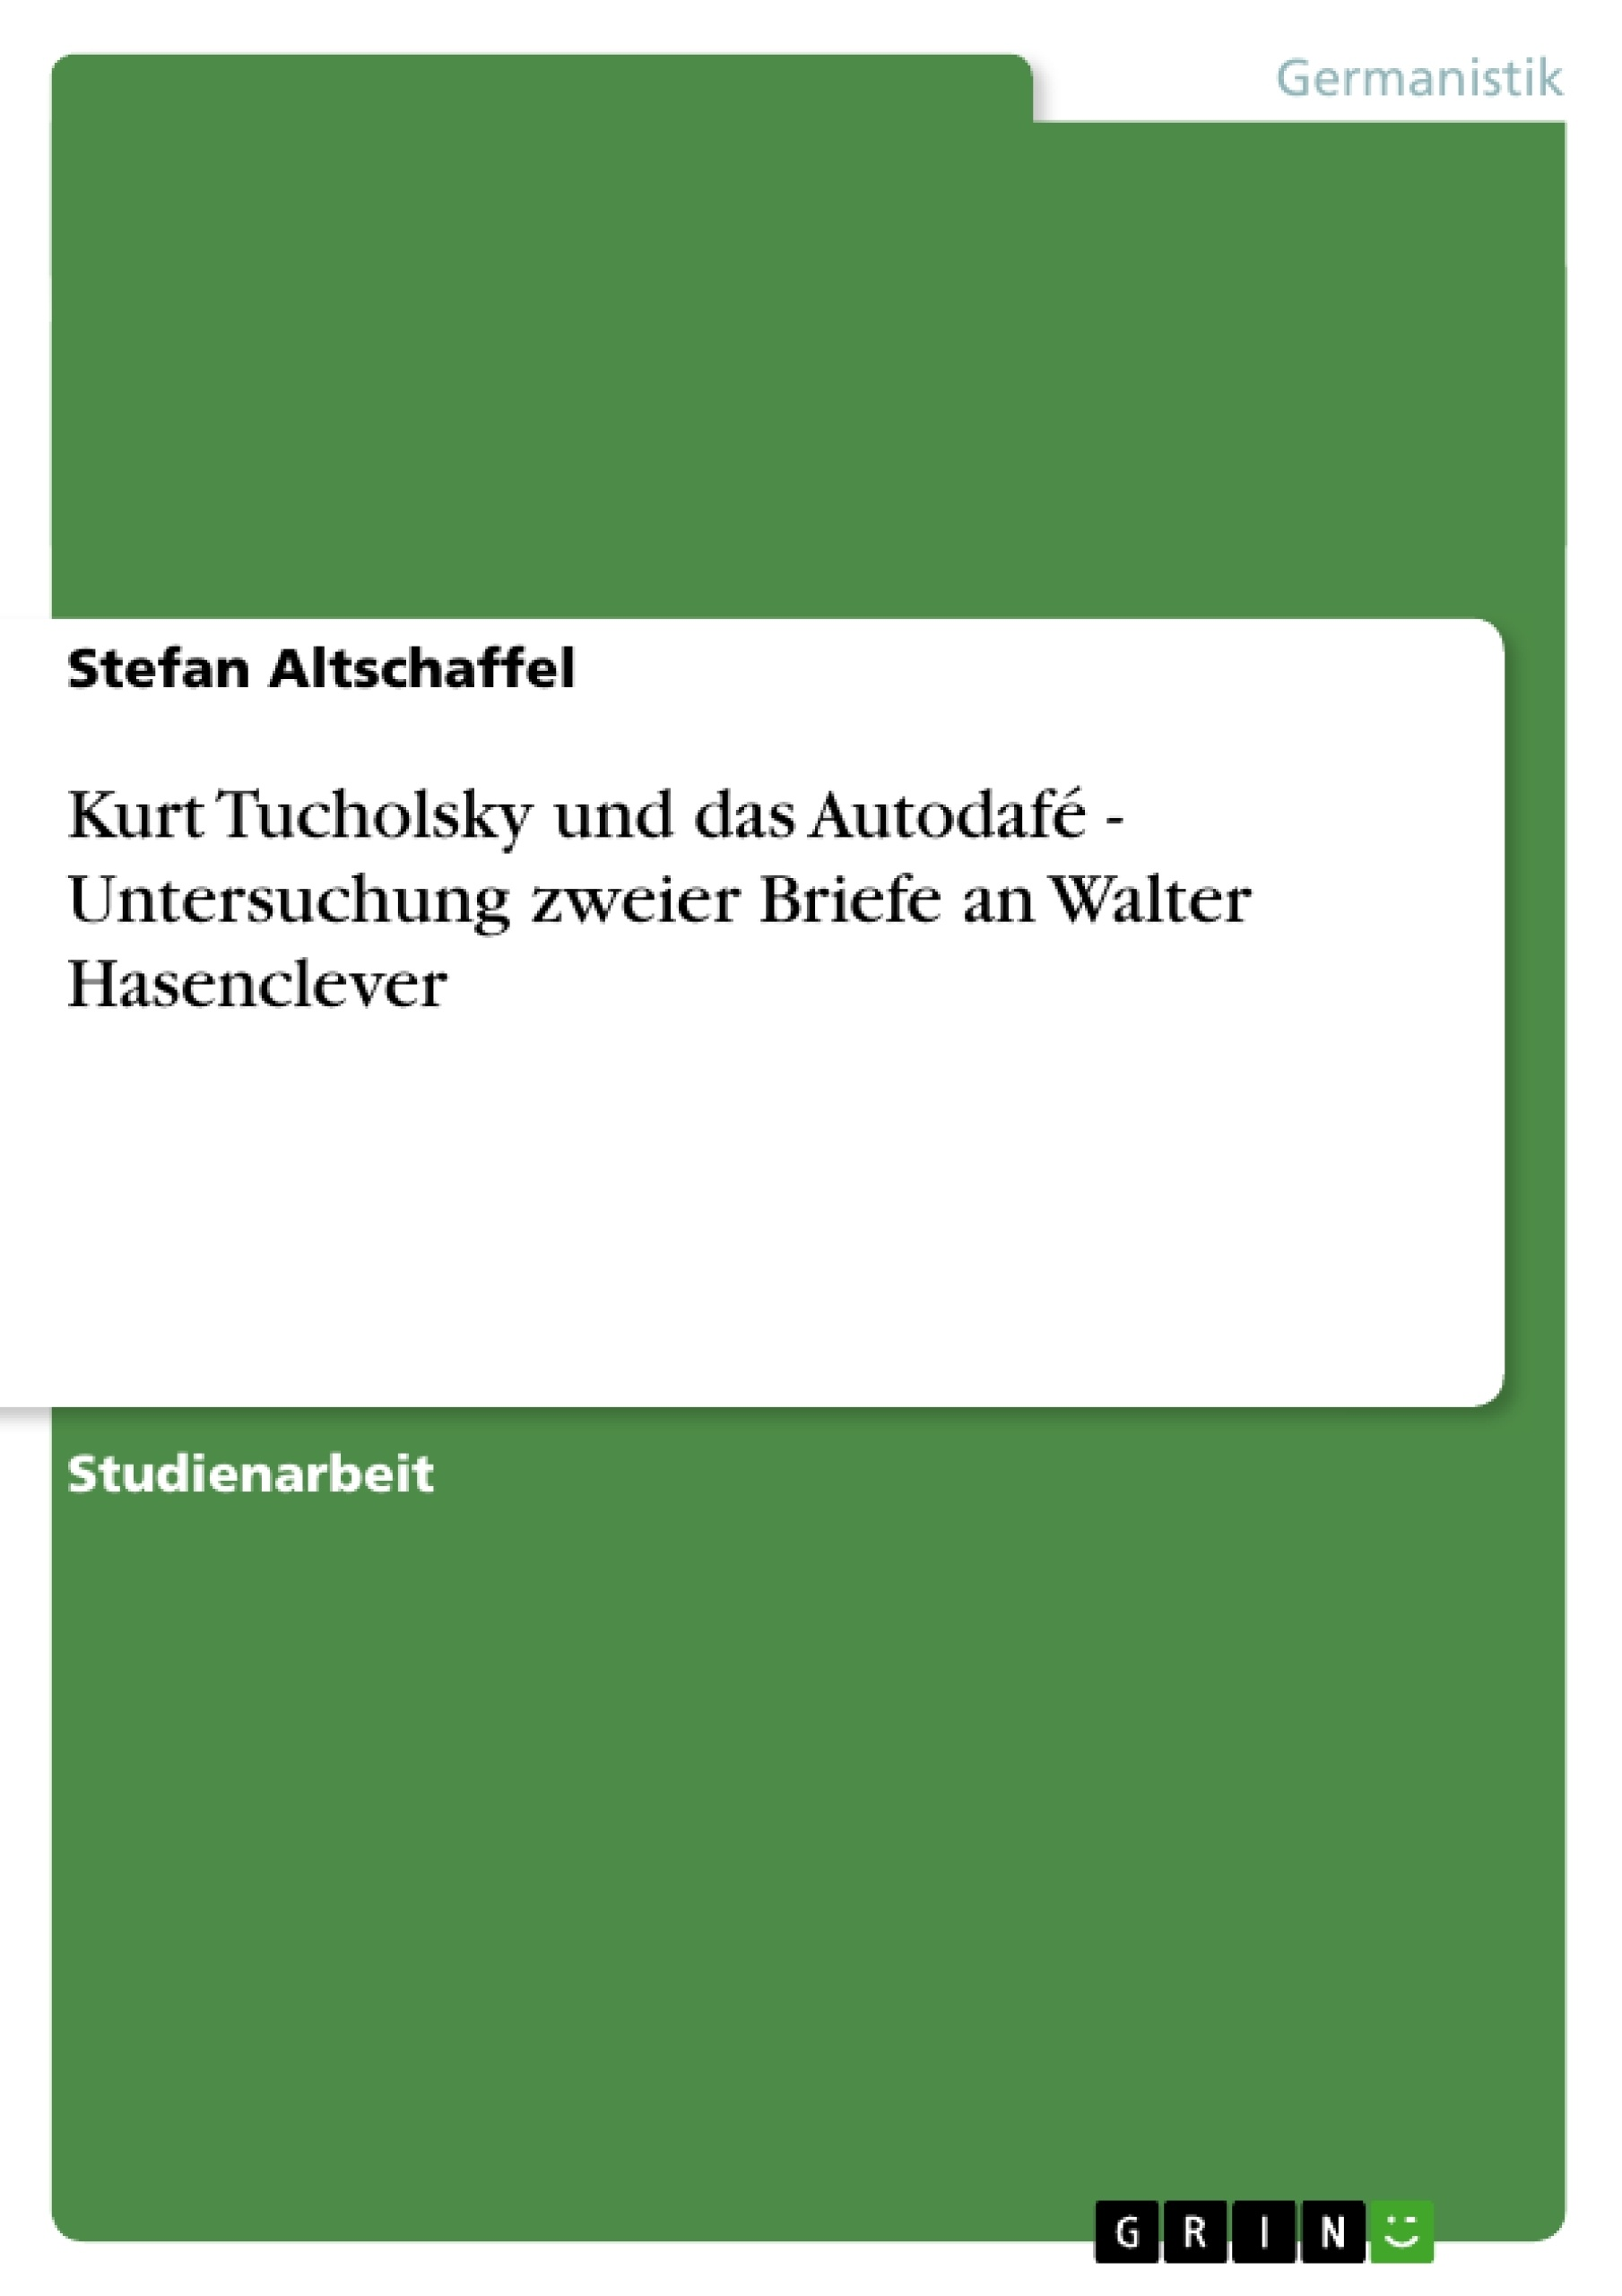 Titel: Kurt Tucholsky und das Autodafé - Untersuchung zweier Briefe an Walter Hasenclever